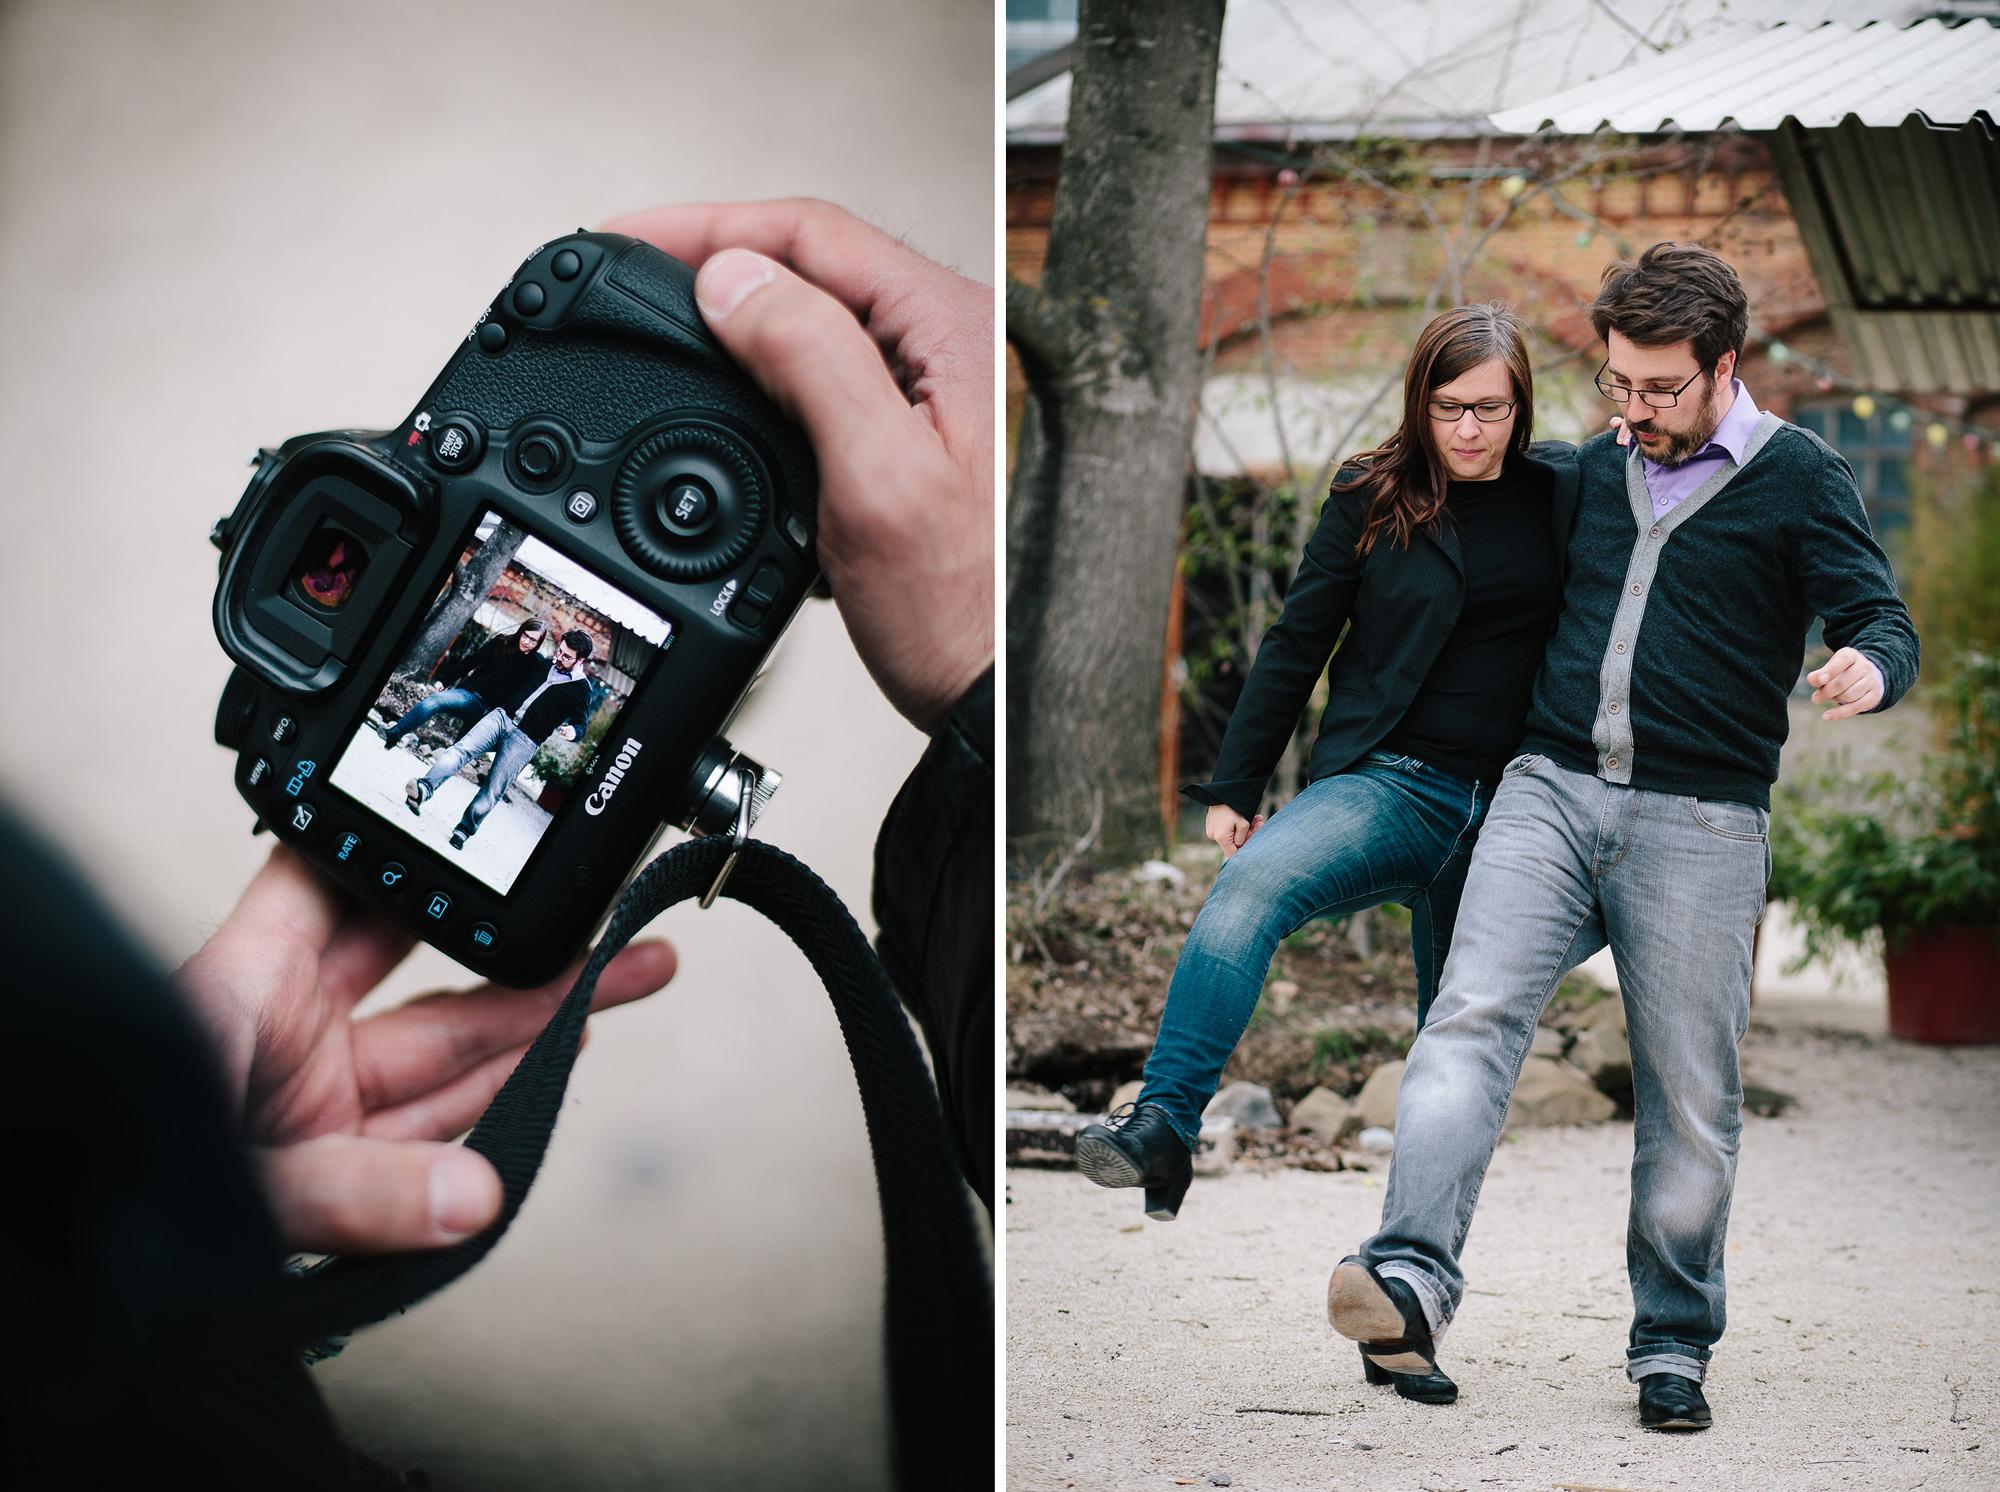 Verena-und-Rainer-Engagement-Foto-Avec-Amis-41